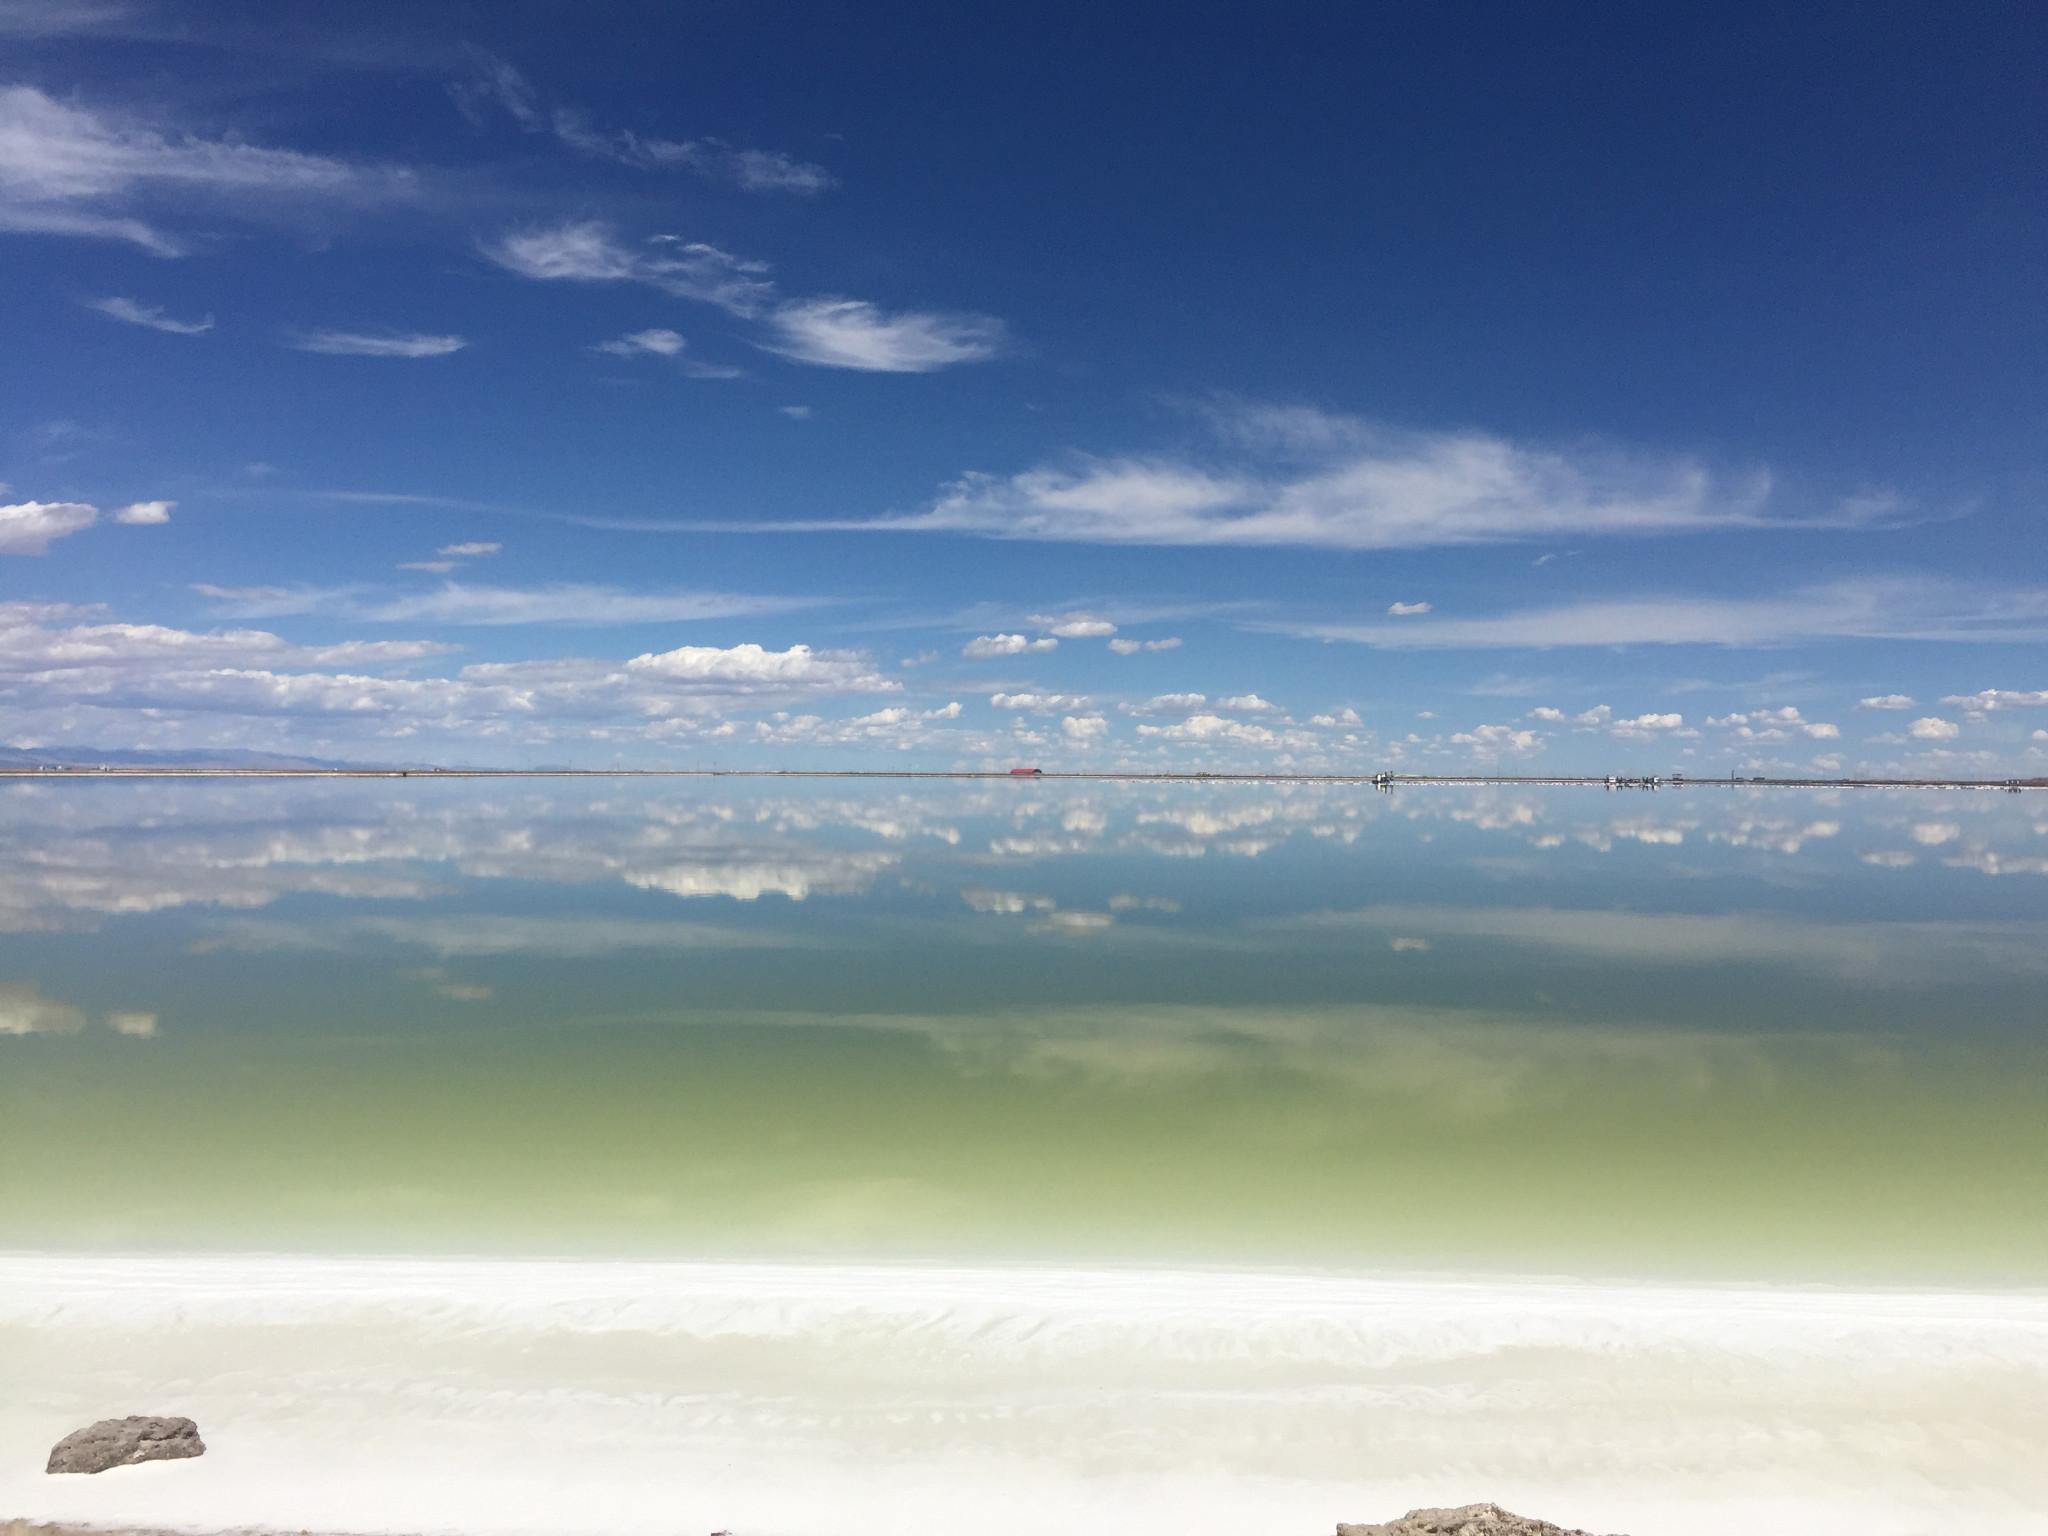 qinghai Chaerhan Salt Lake